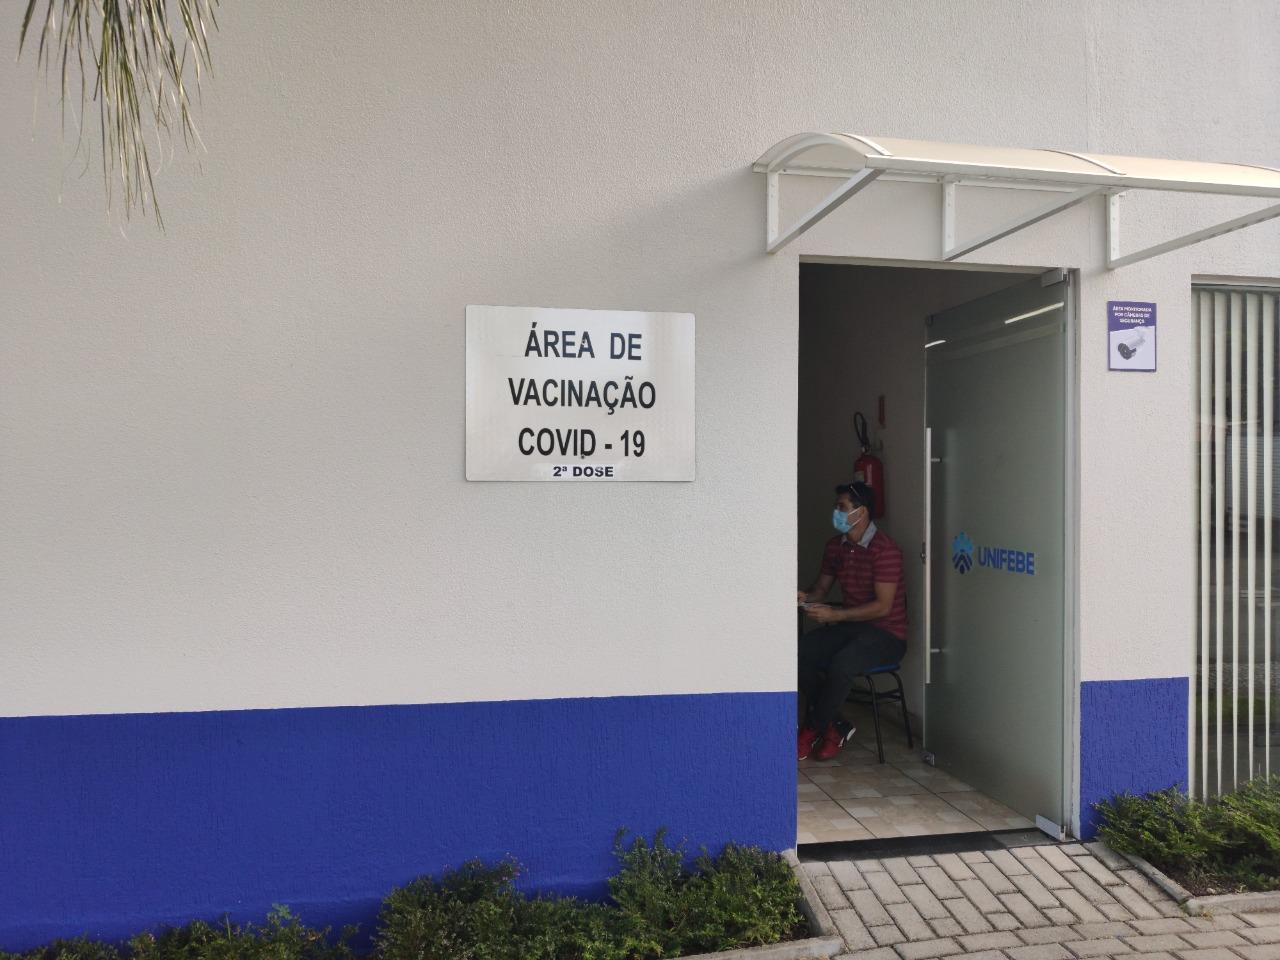 Covid-19: Agendamento para idosos com mais de 75 anos está encerrado